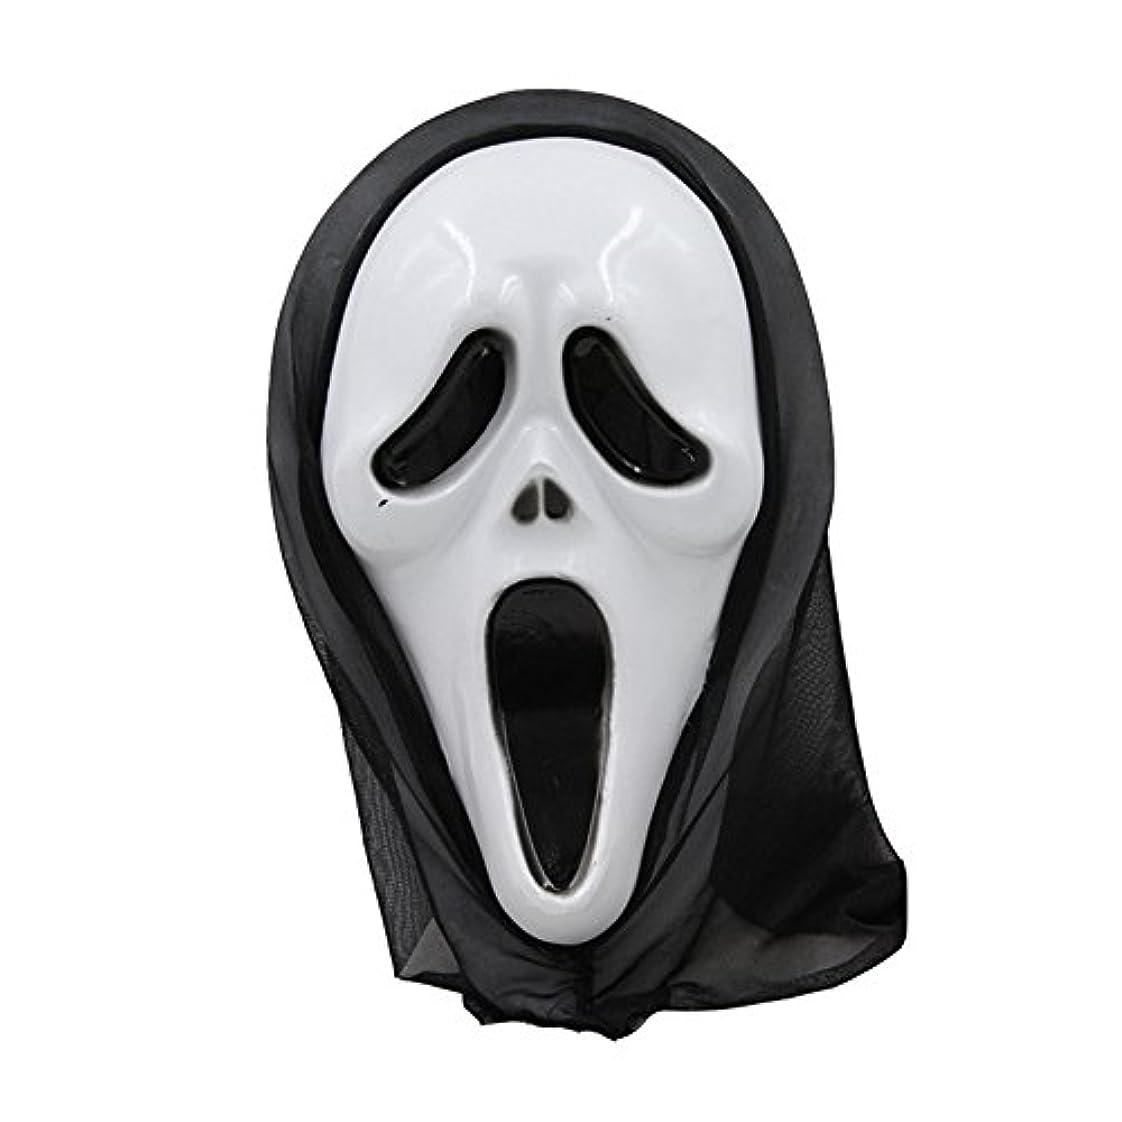 原因時刻表重要性ハロウィーンマスク仮面舞踏会全体の小道具フェイスマスクホラー叫びマスク